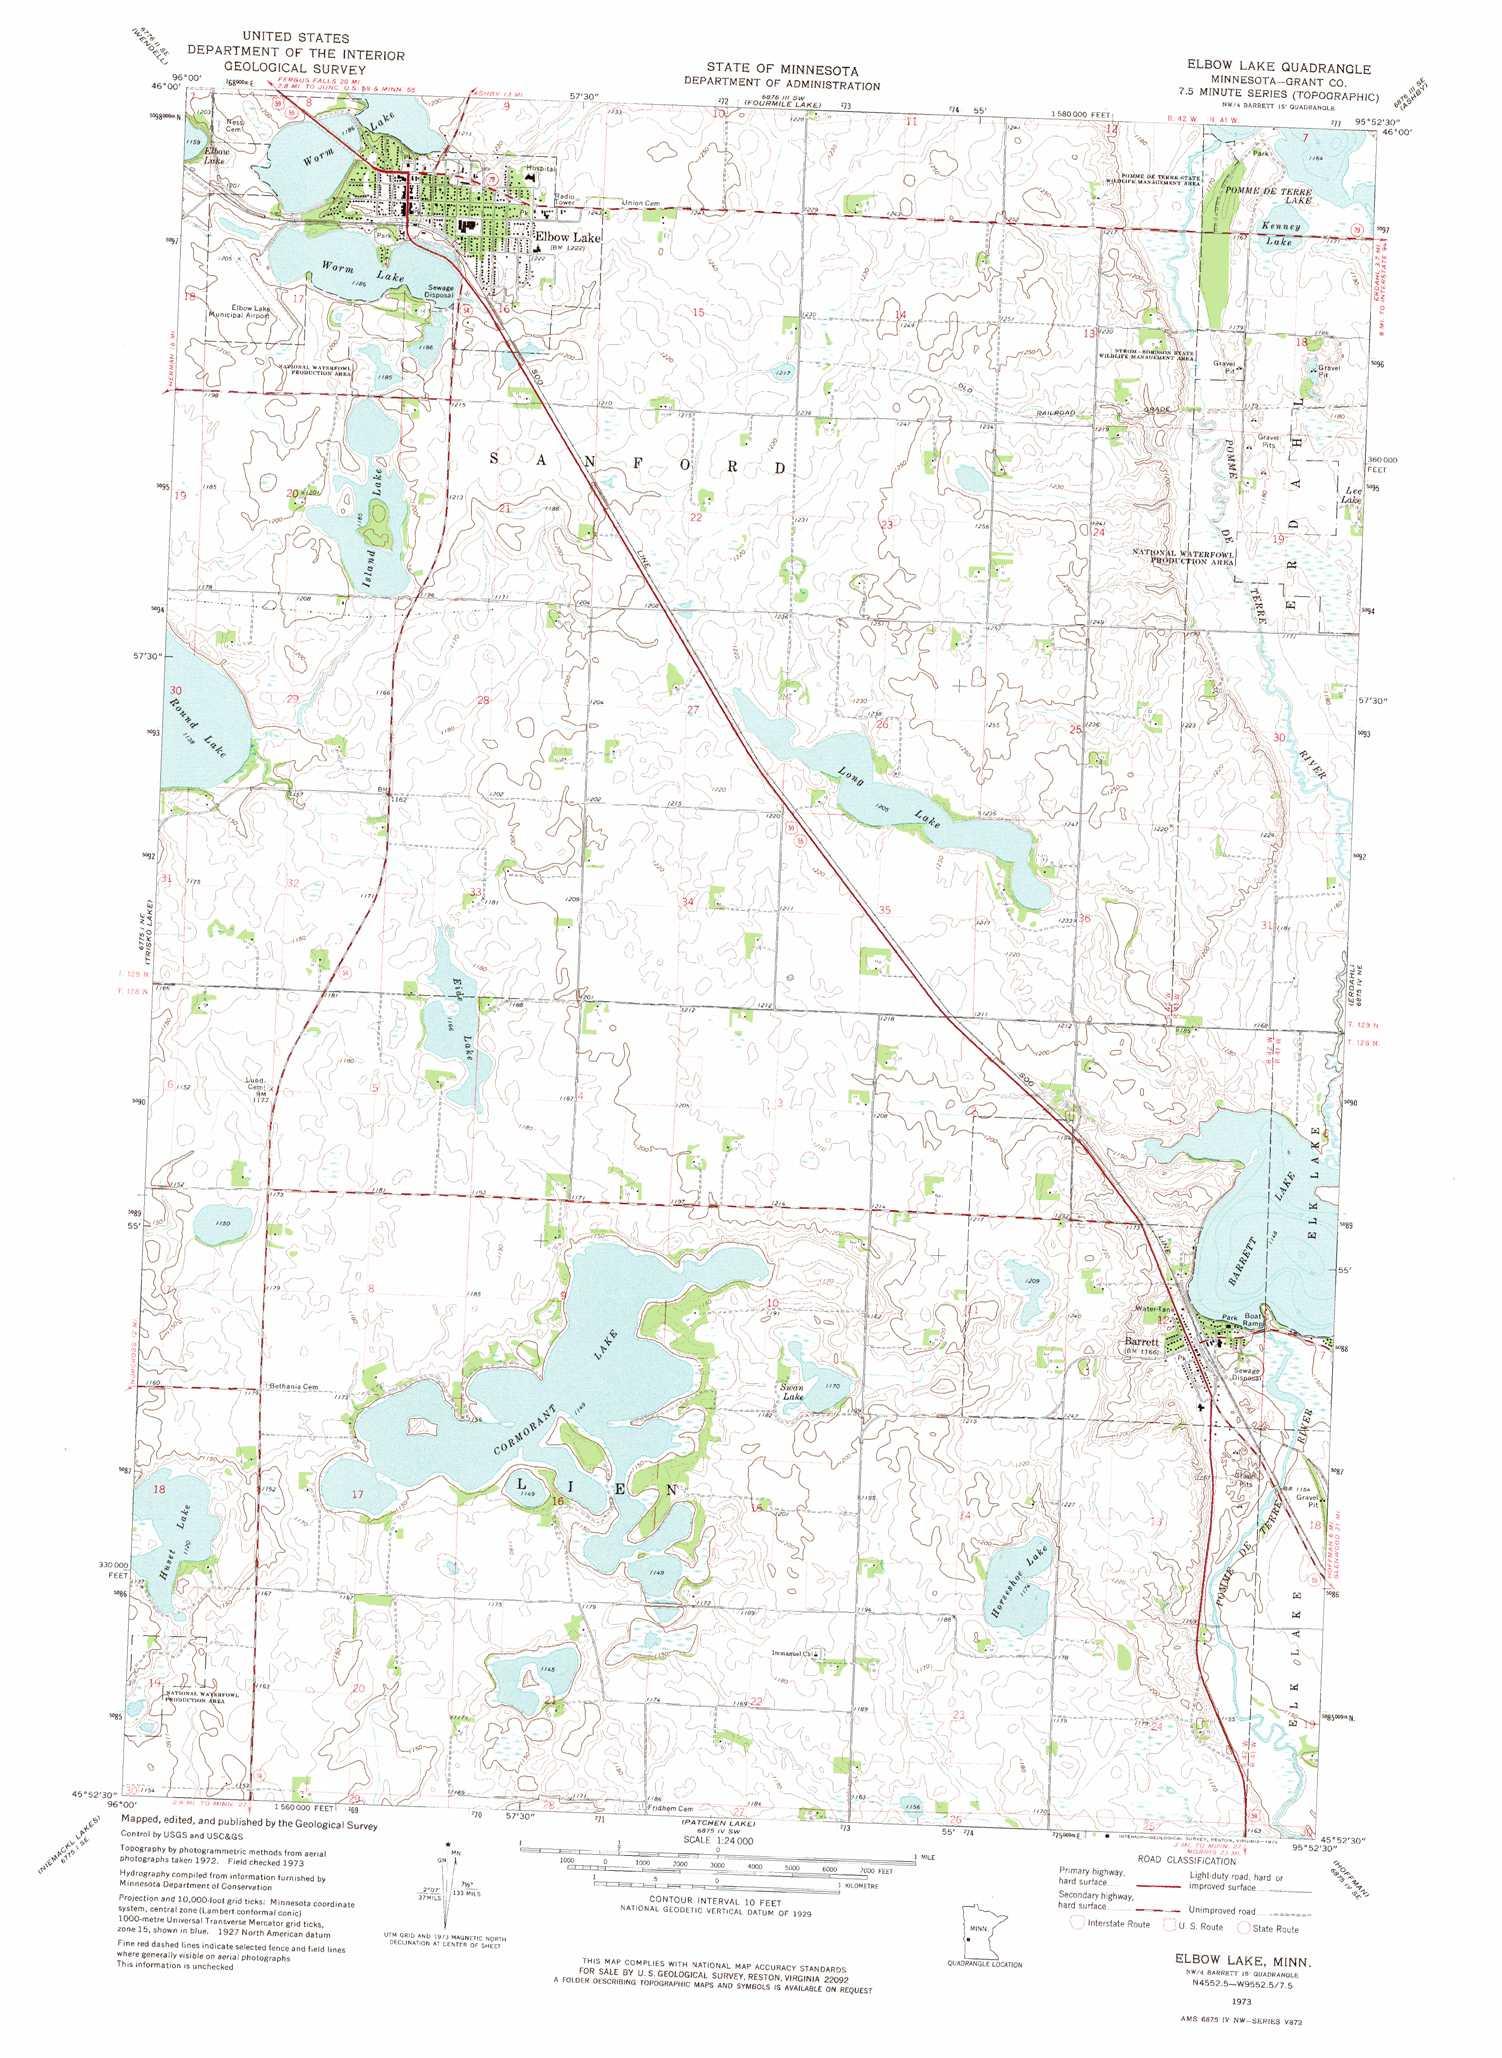 elbow lake mn map Elbow Lake Topographic Map Mn Usgs Topo Quad 45095h8 elbow lake mn map